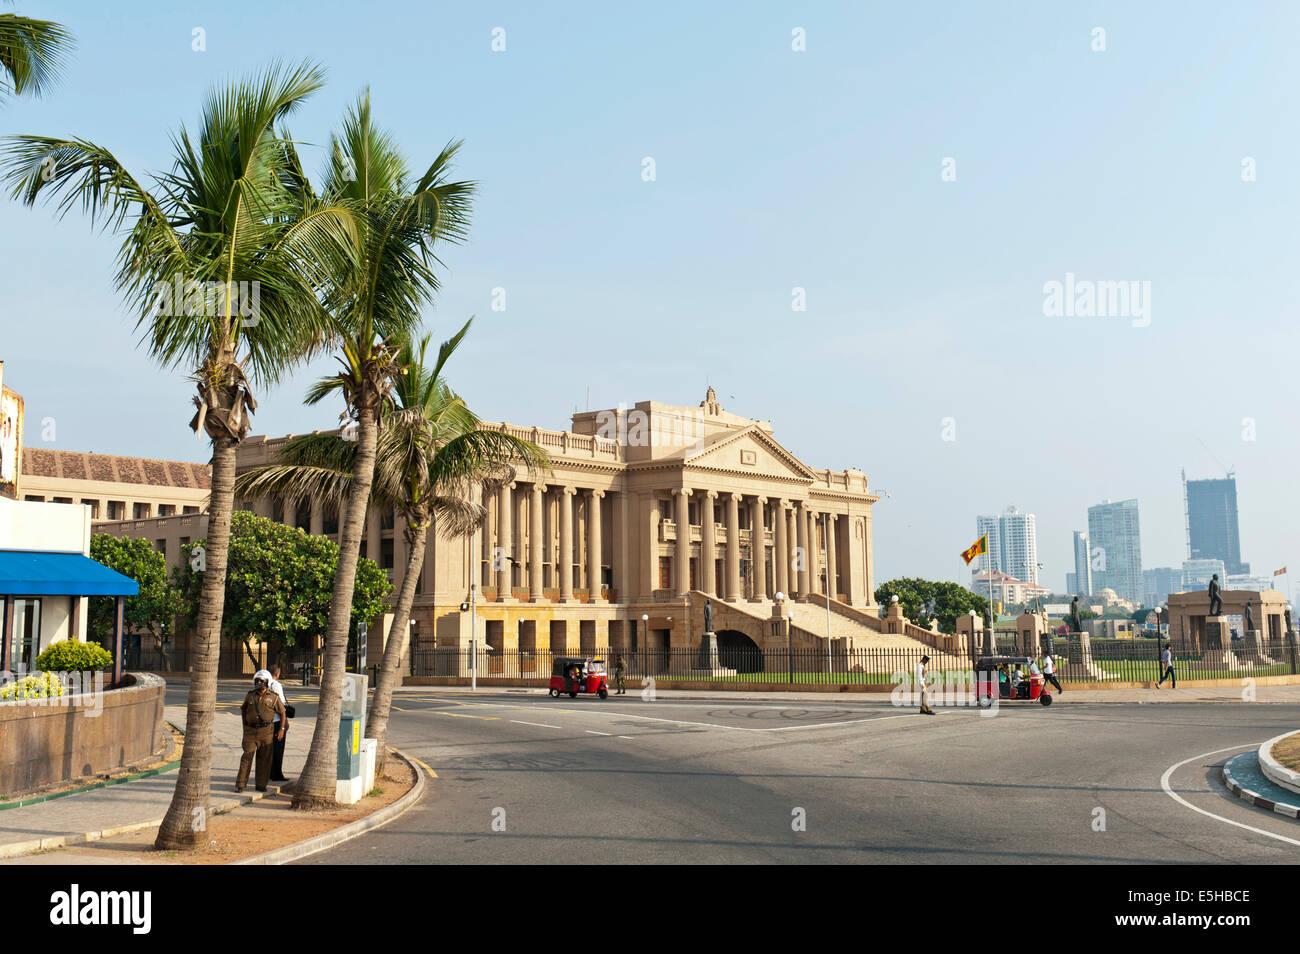 El antiguo Parlamento, arquitectura neoclásica bajo palmeras, Colombo, Sri Lanka Imagen De Stock